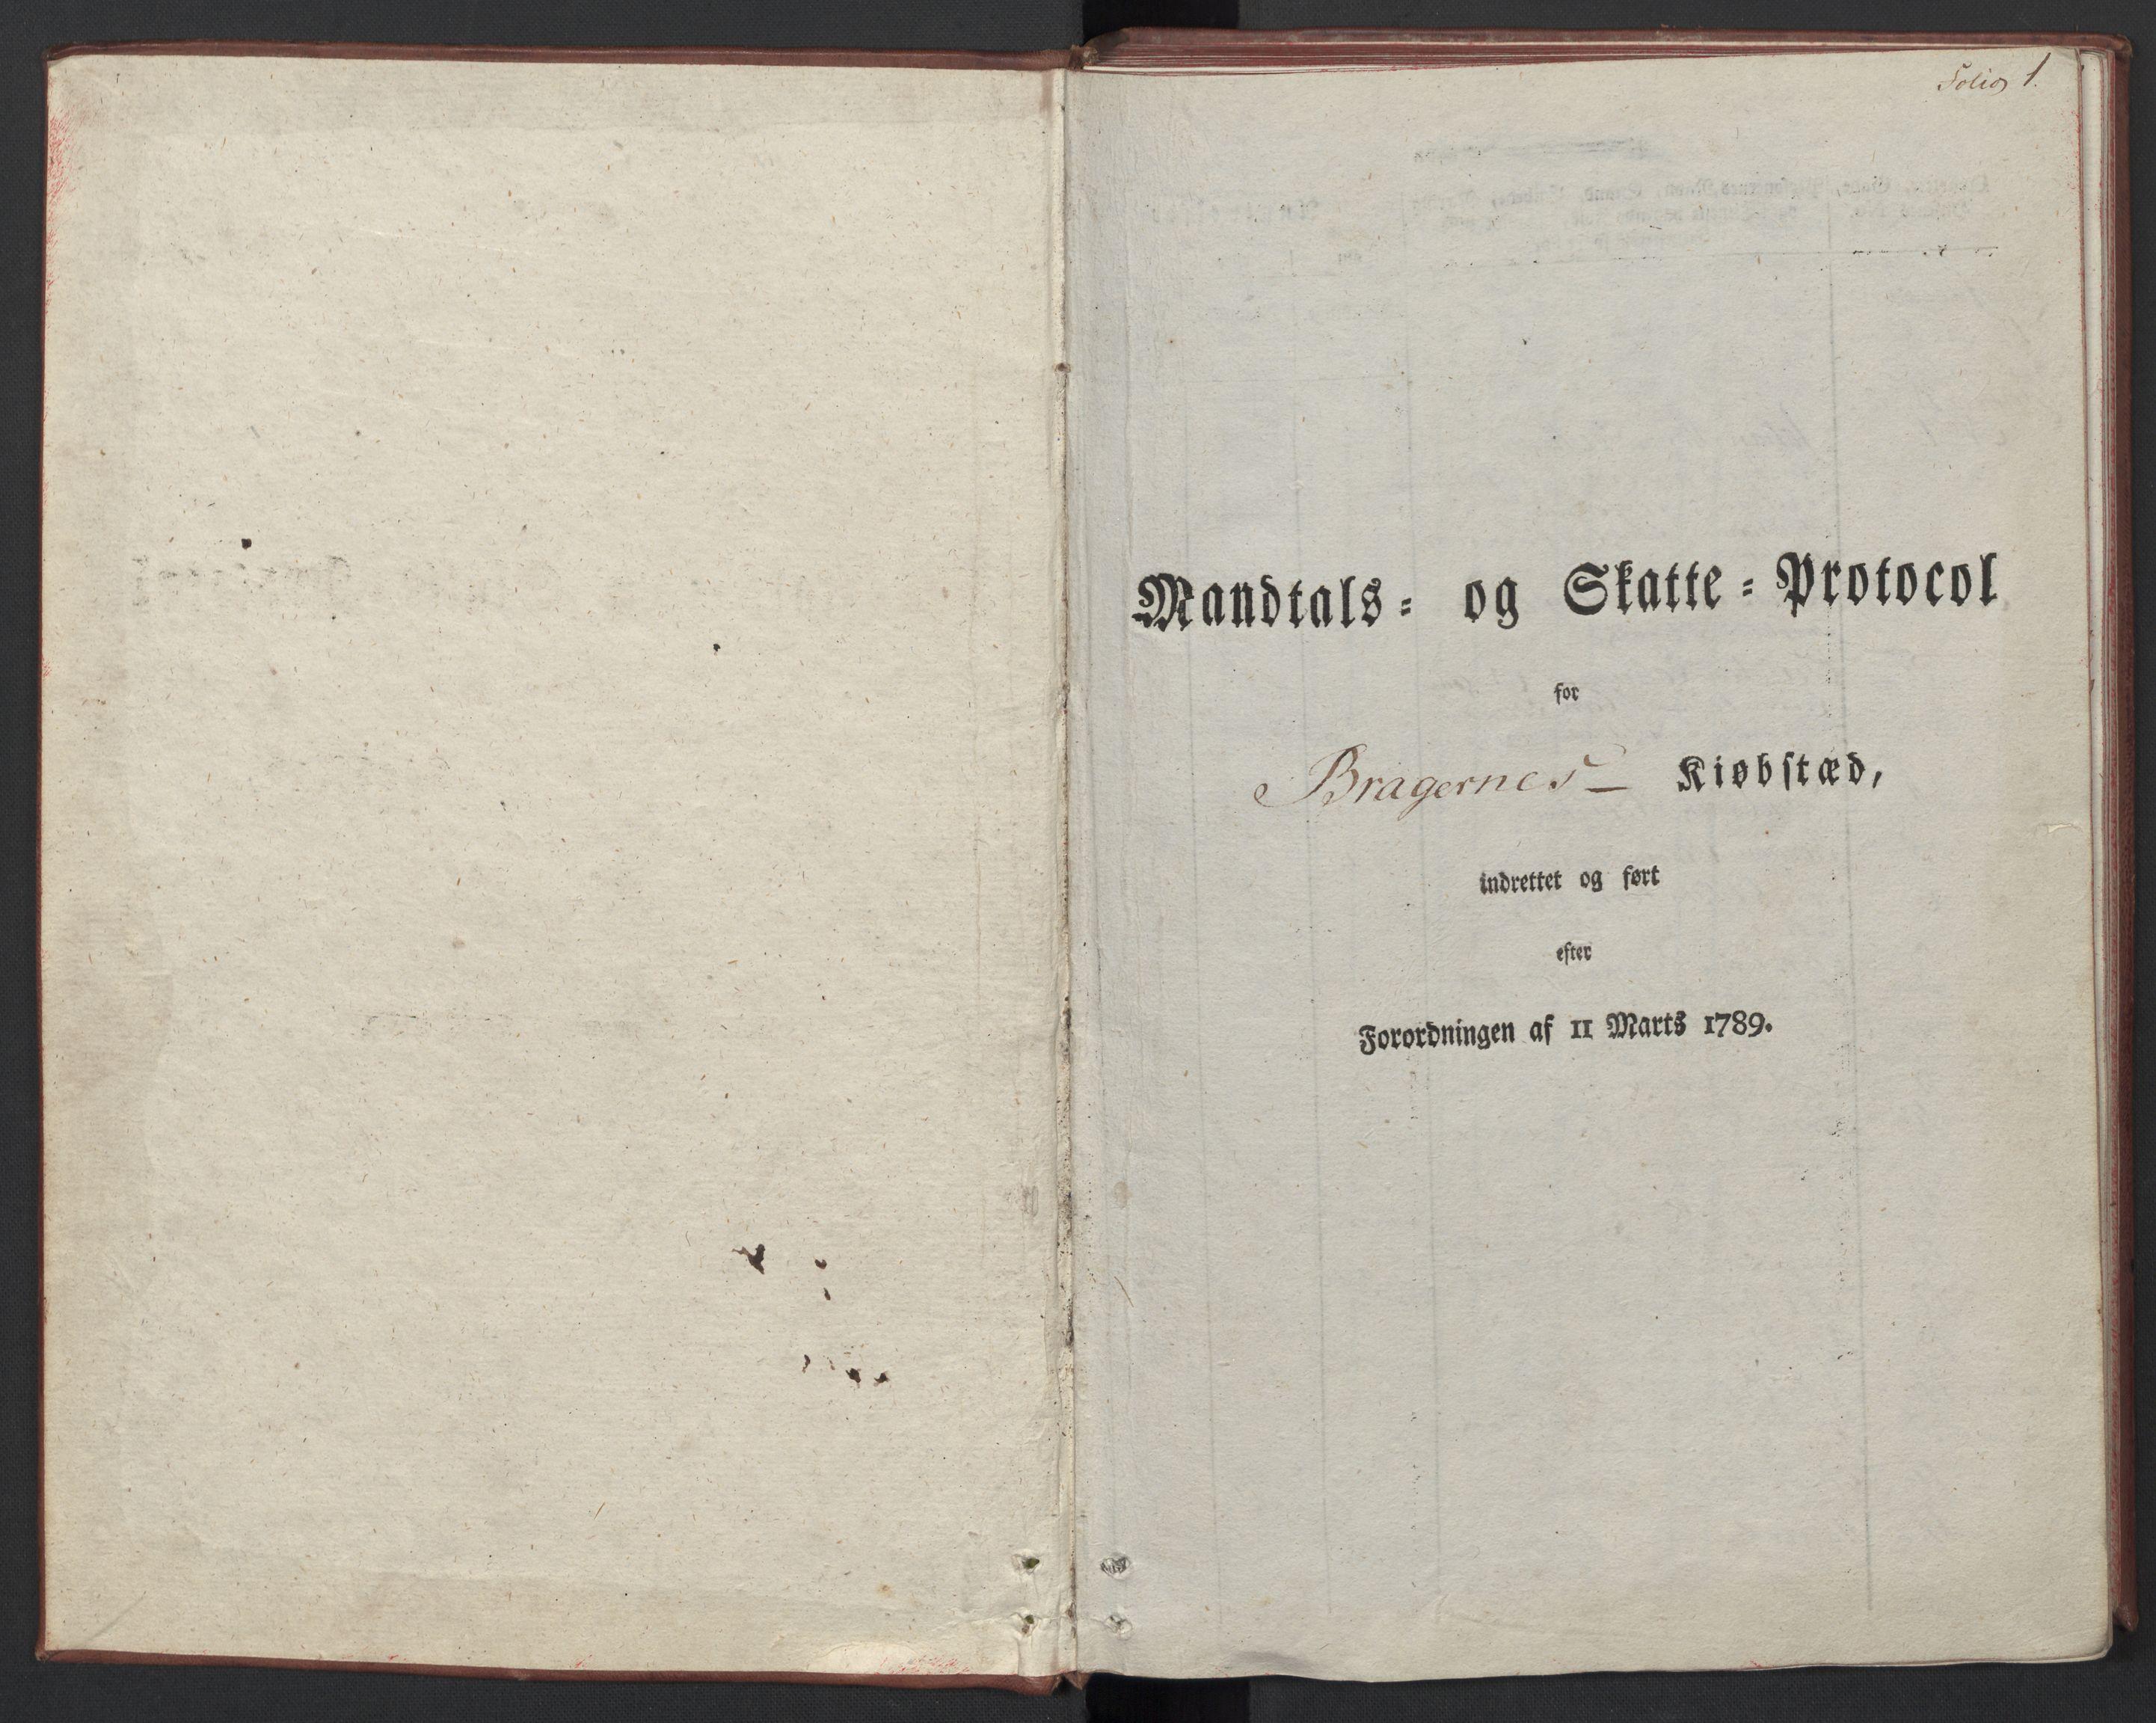 RA, Rentekammeret inntil 1814, Reviderte regnskaper, Mindre regnskaper, Rf/Rfe/L0004: Bragernes. Buskerud fogderi, 1789, s. 4